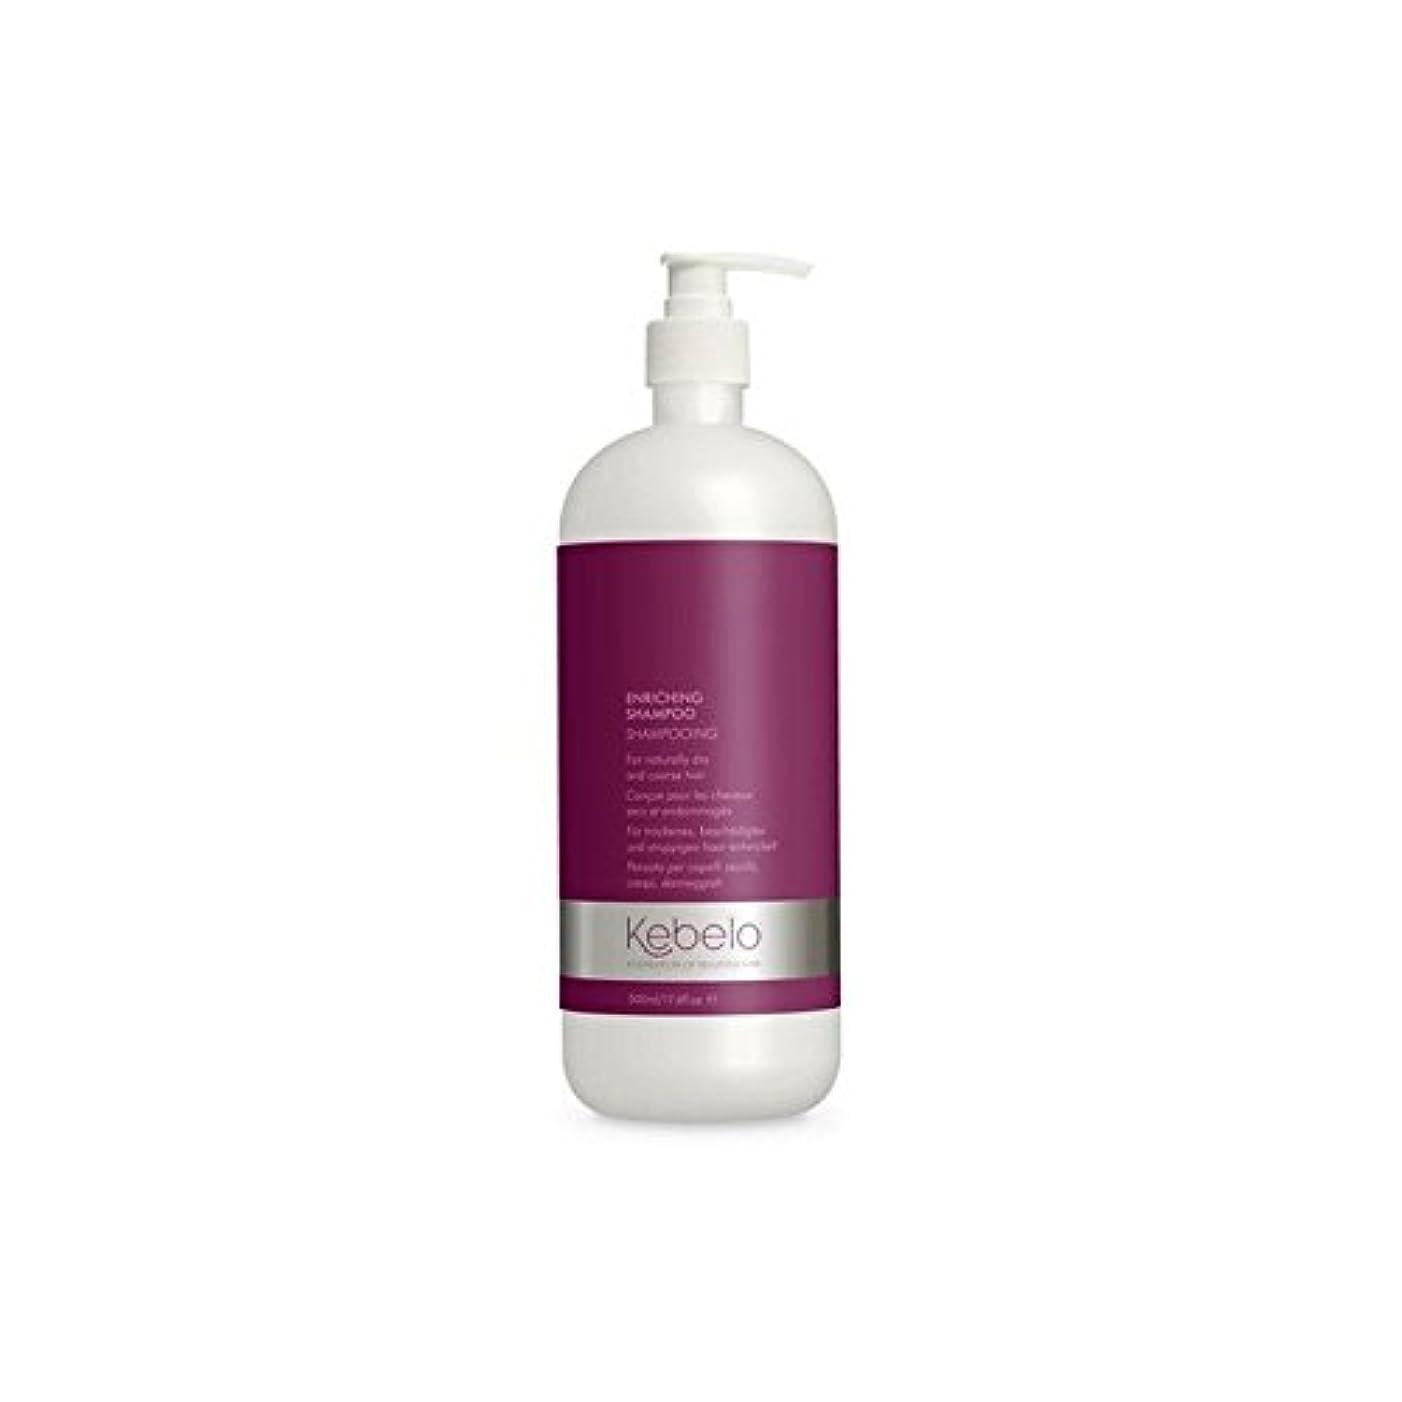 基礎理論署名シングルシャンプー500ミリリットルを豊かに x2 - Kebelo Enriching Shampoo 500ml (Pack of 2) [並行輸入品]